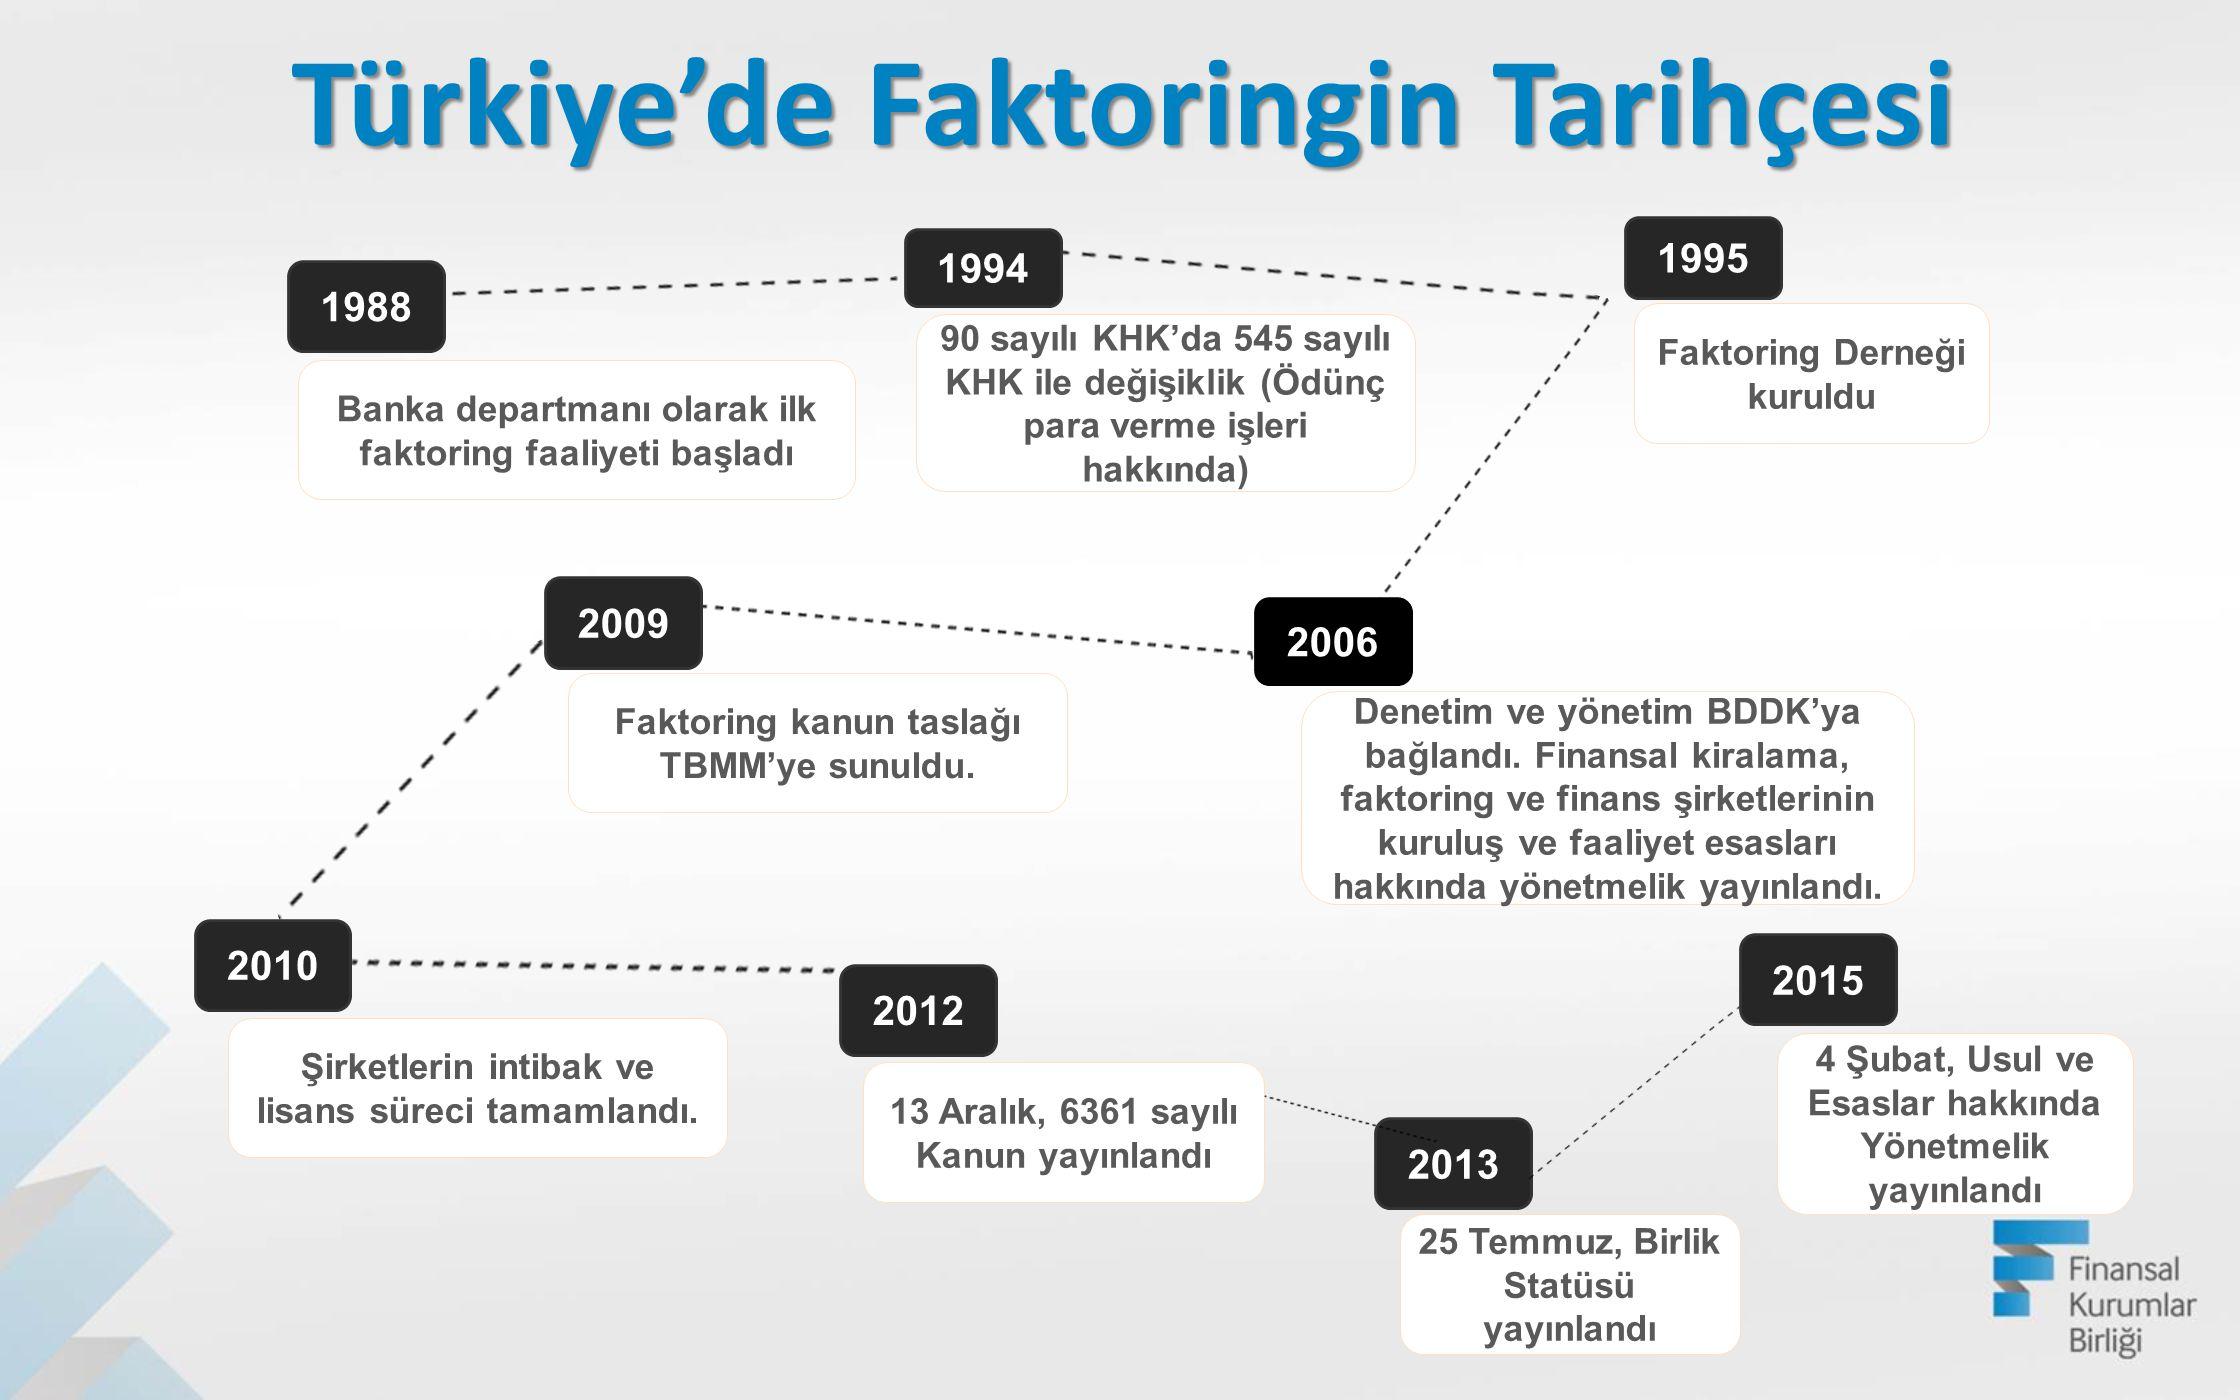 Türkiye'de Faktoringin Tarihçesi